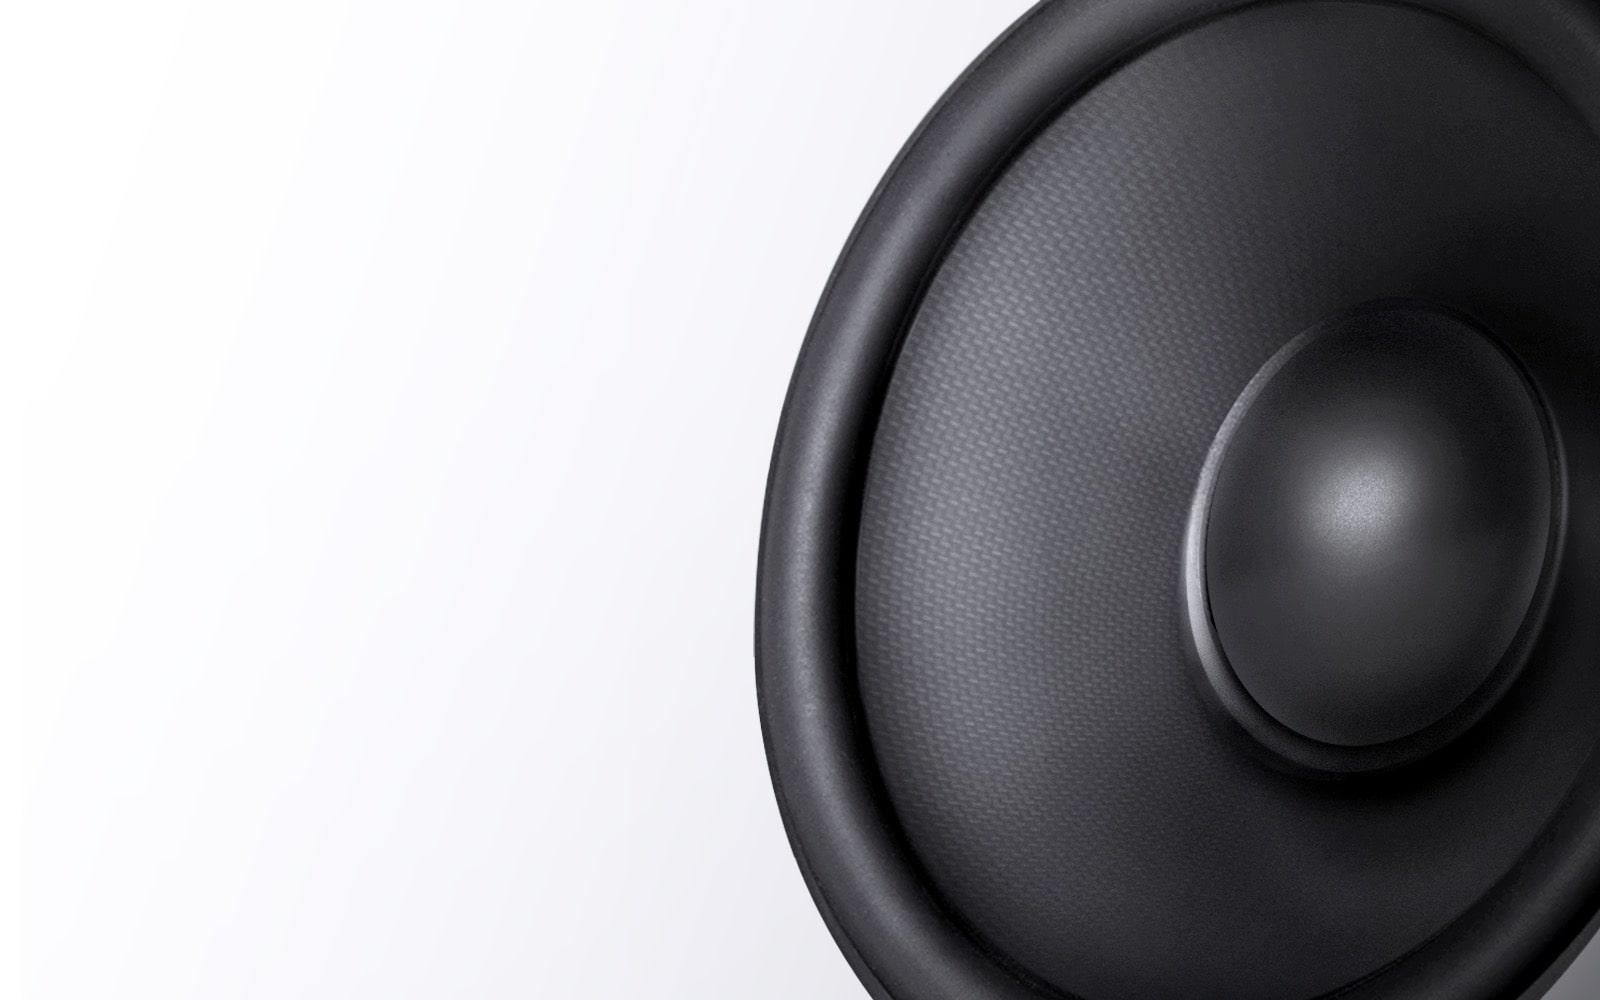 CAV-SoundBar-SL4-01-Carbon-Woofer-for-a-High-Fidelity-Sound-Desktop